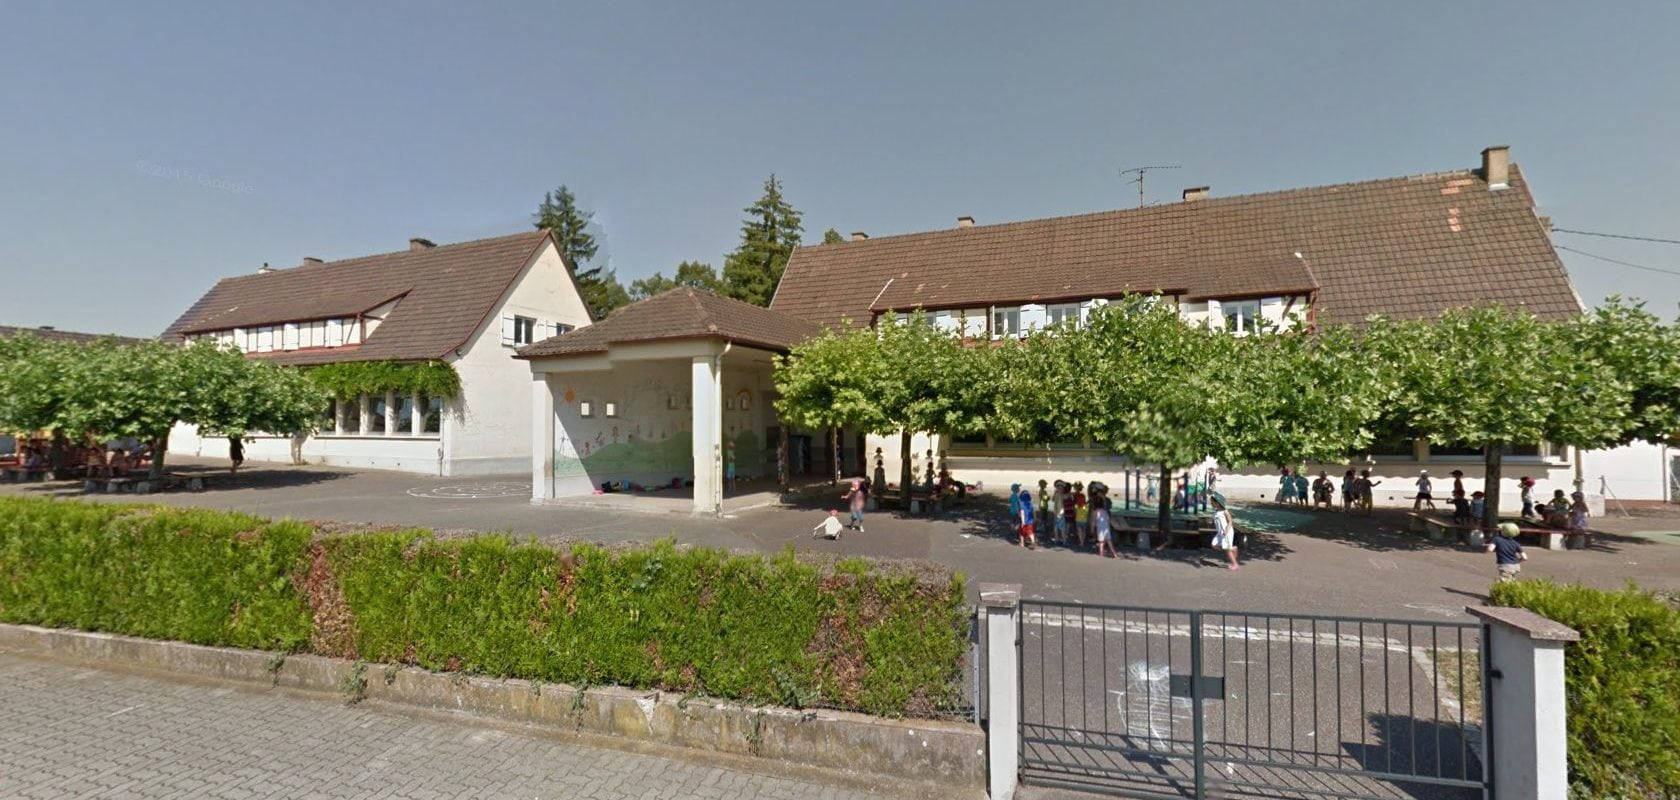 Les écoles d'Eckbolsheim confrontées à un afflux d'enfants de migrants